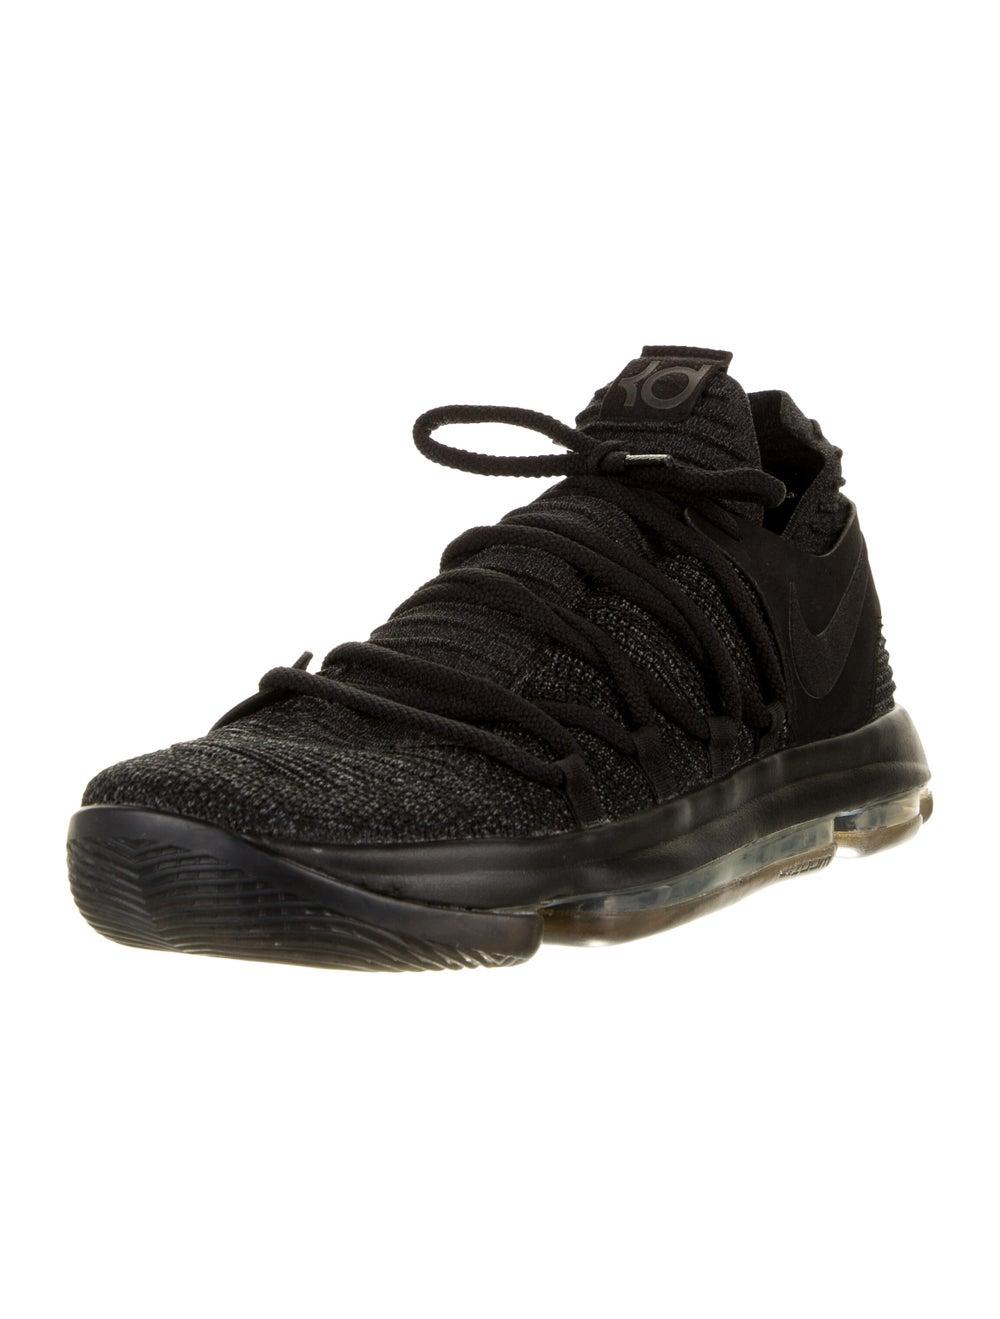 Nike Sneakers Black - image 2